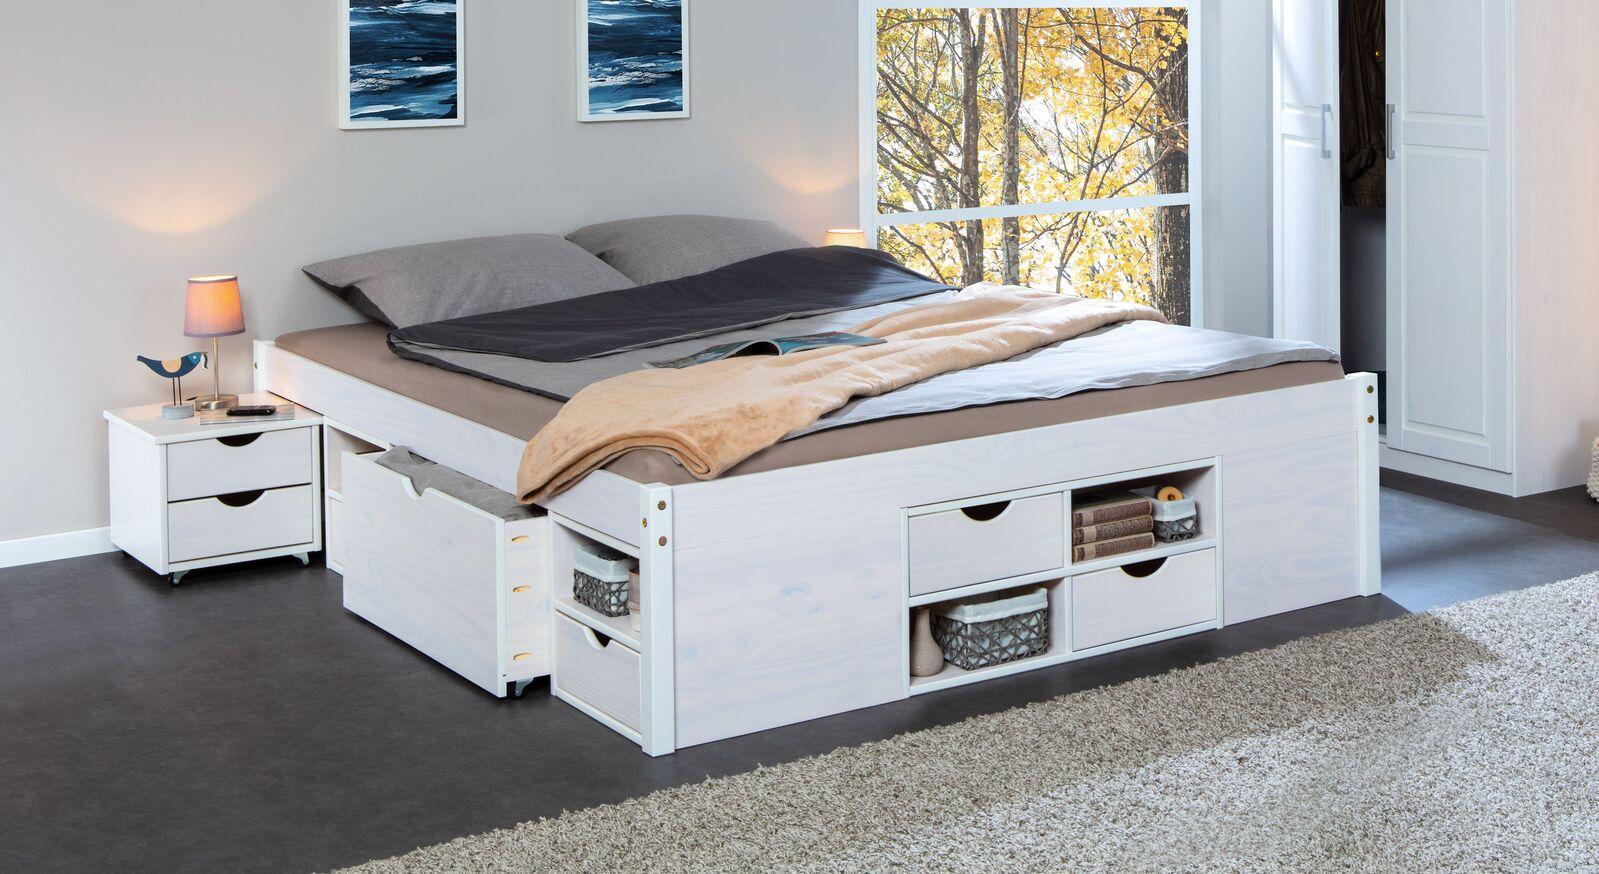 Weiß lackiertes Schubkasten-Doppelbett Göteborg aus Kiefer